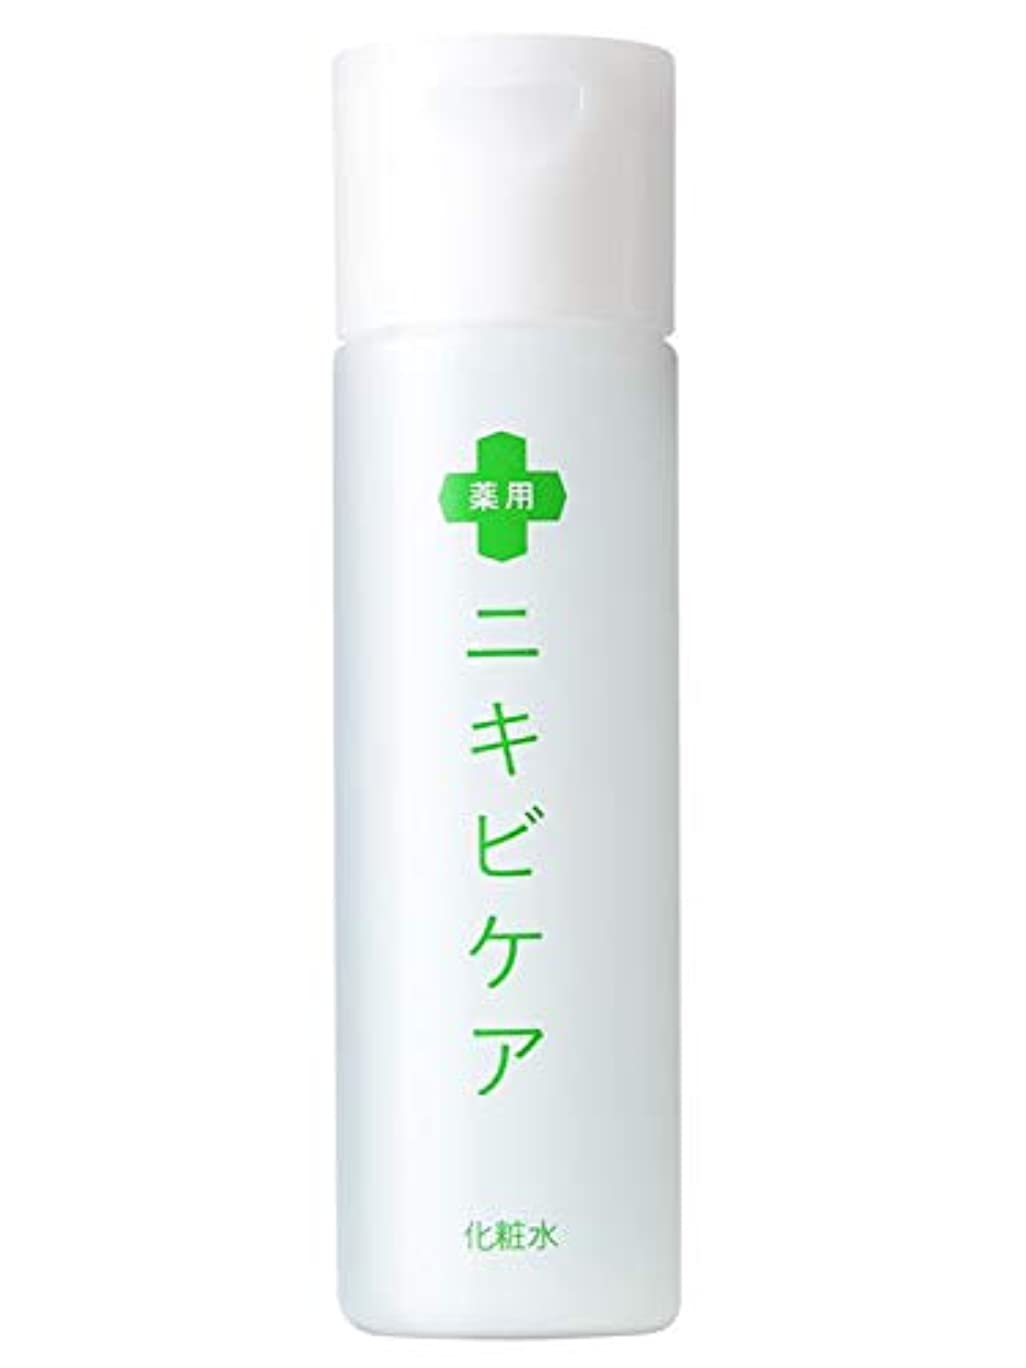 和まあ休み医薬部外品 薬用 ニキビケア 化粧水 大人ニキビ 予防「 あご おでこ 鼻 ニキビ アクネ 対策」「 肌をひきしめサラサラに 」「 コラーゲン プラセンタ 配合 」 メンズ & レディース 120ml